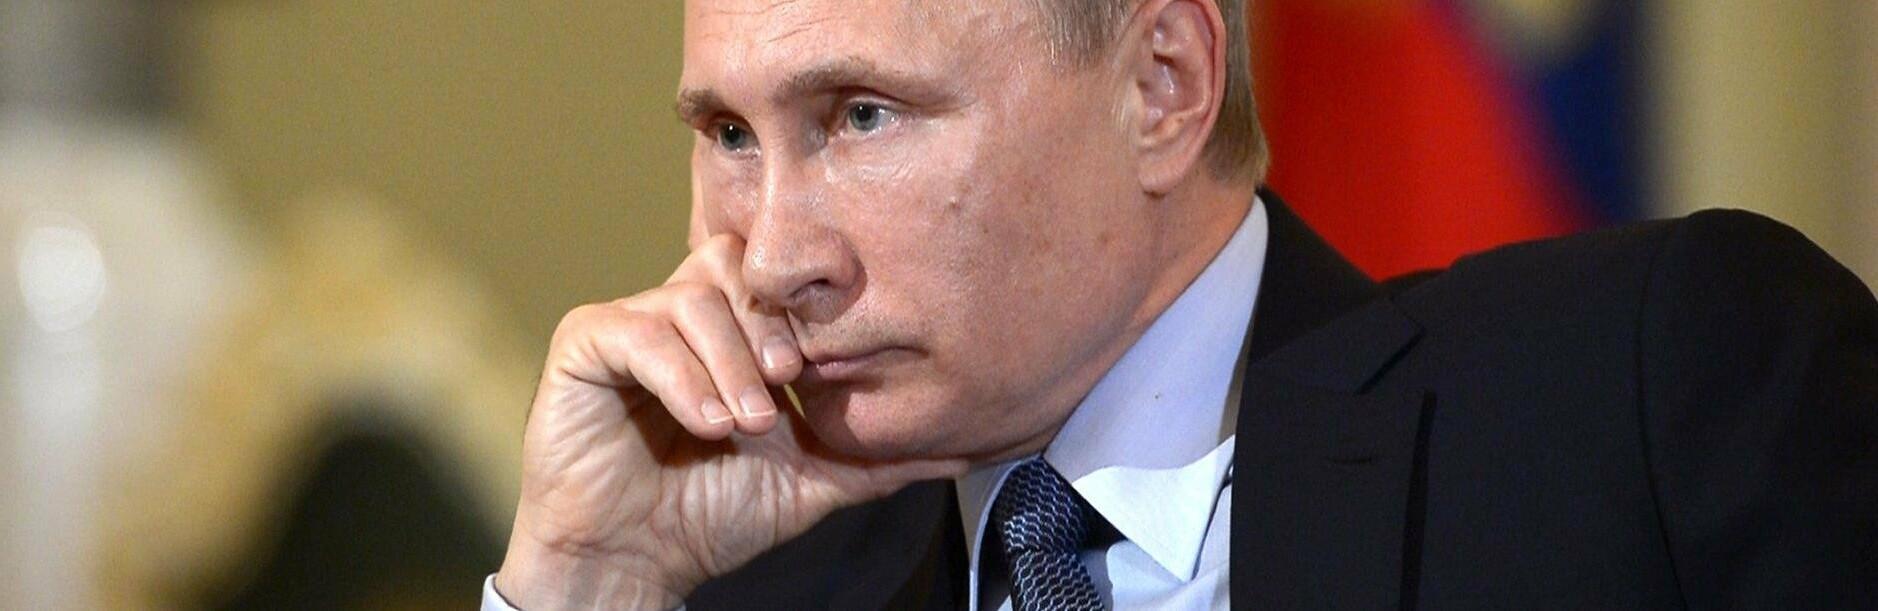 Киев хочет Донбасс обратно в 2019-м году картинки